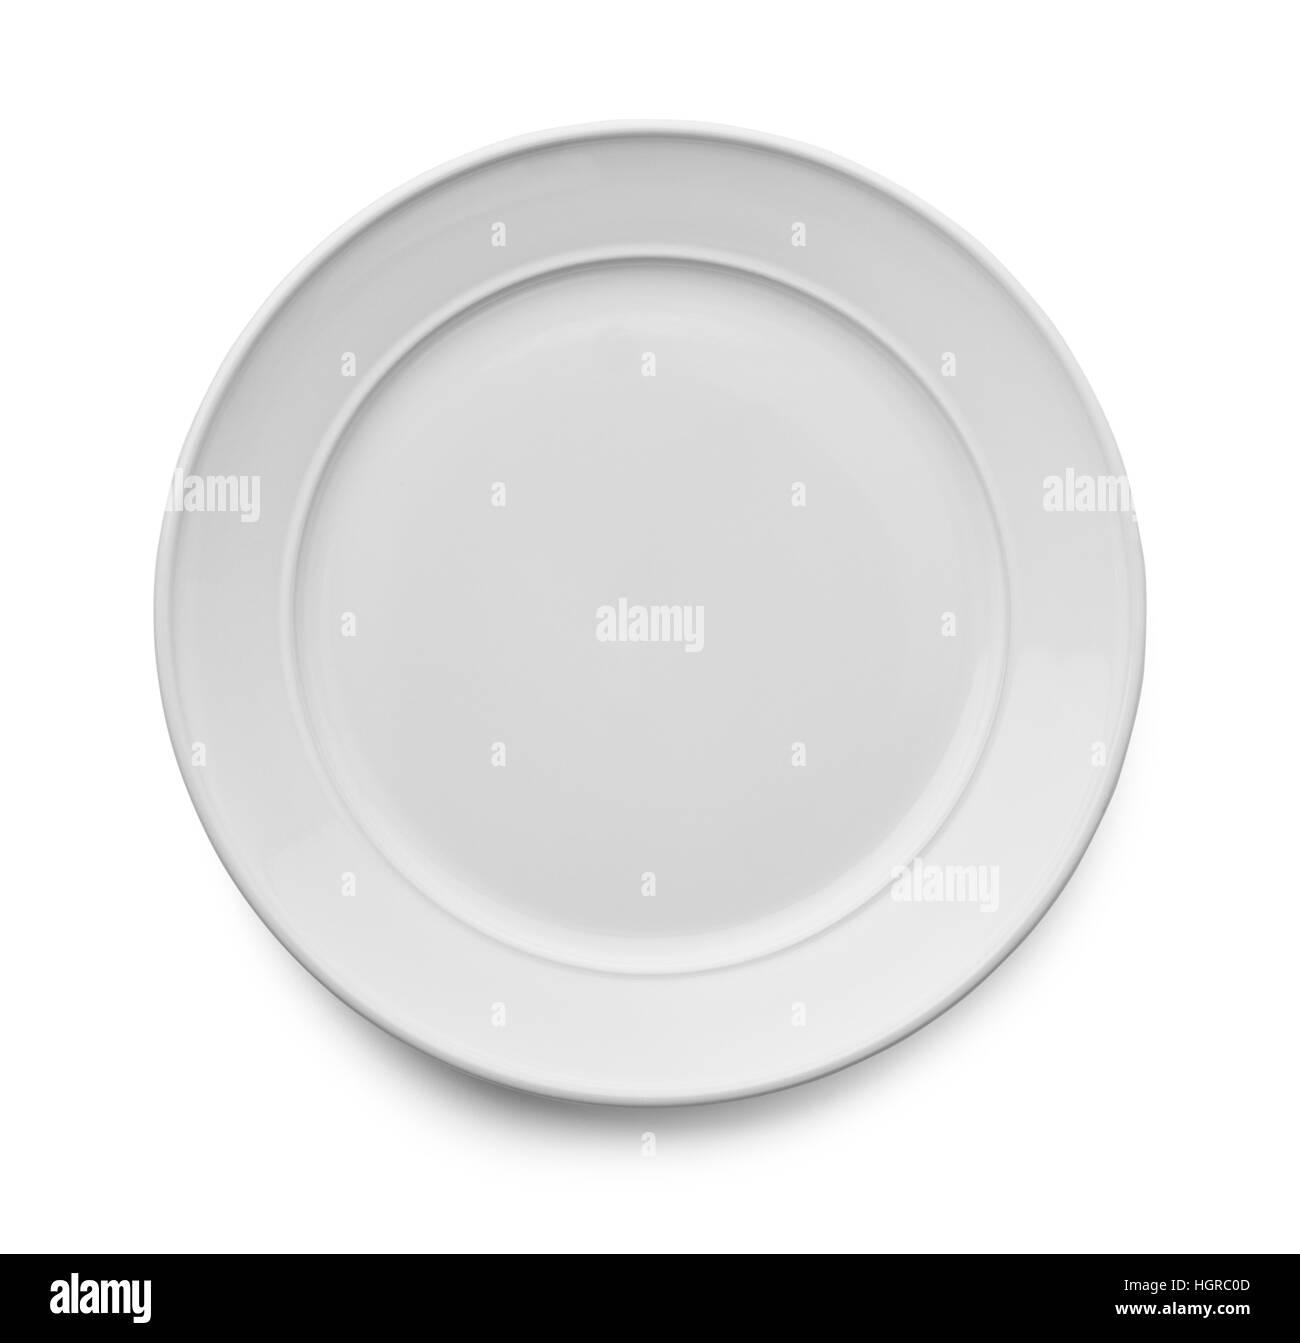 Leeren weißen Keramikplatte isoliert auf weißem Hintergrund. Stockbild